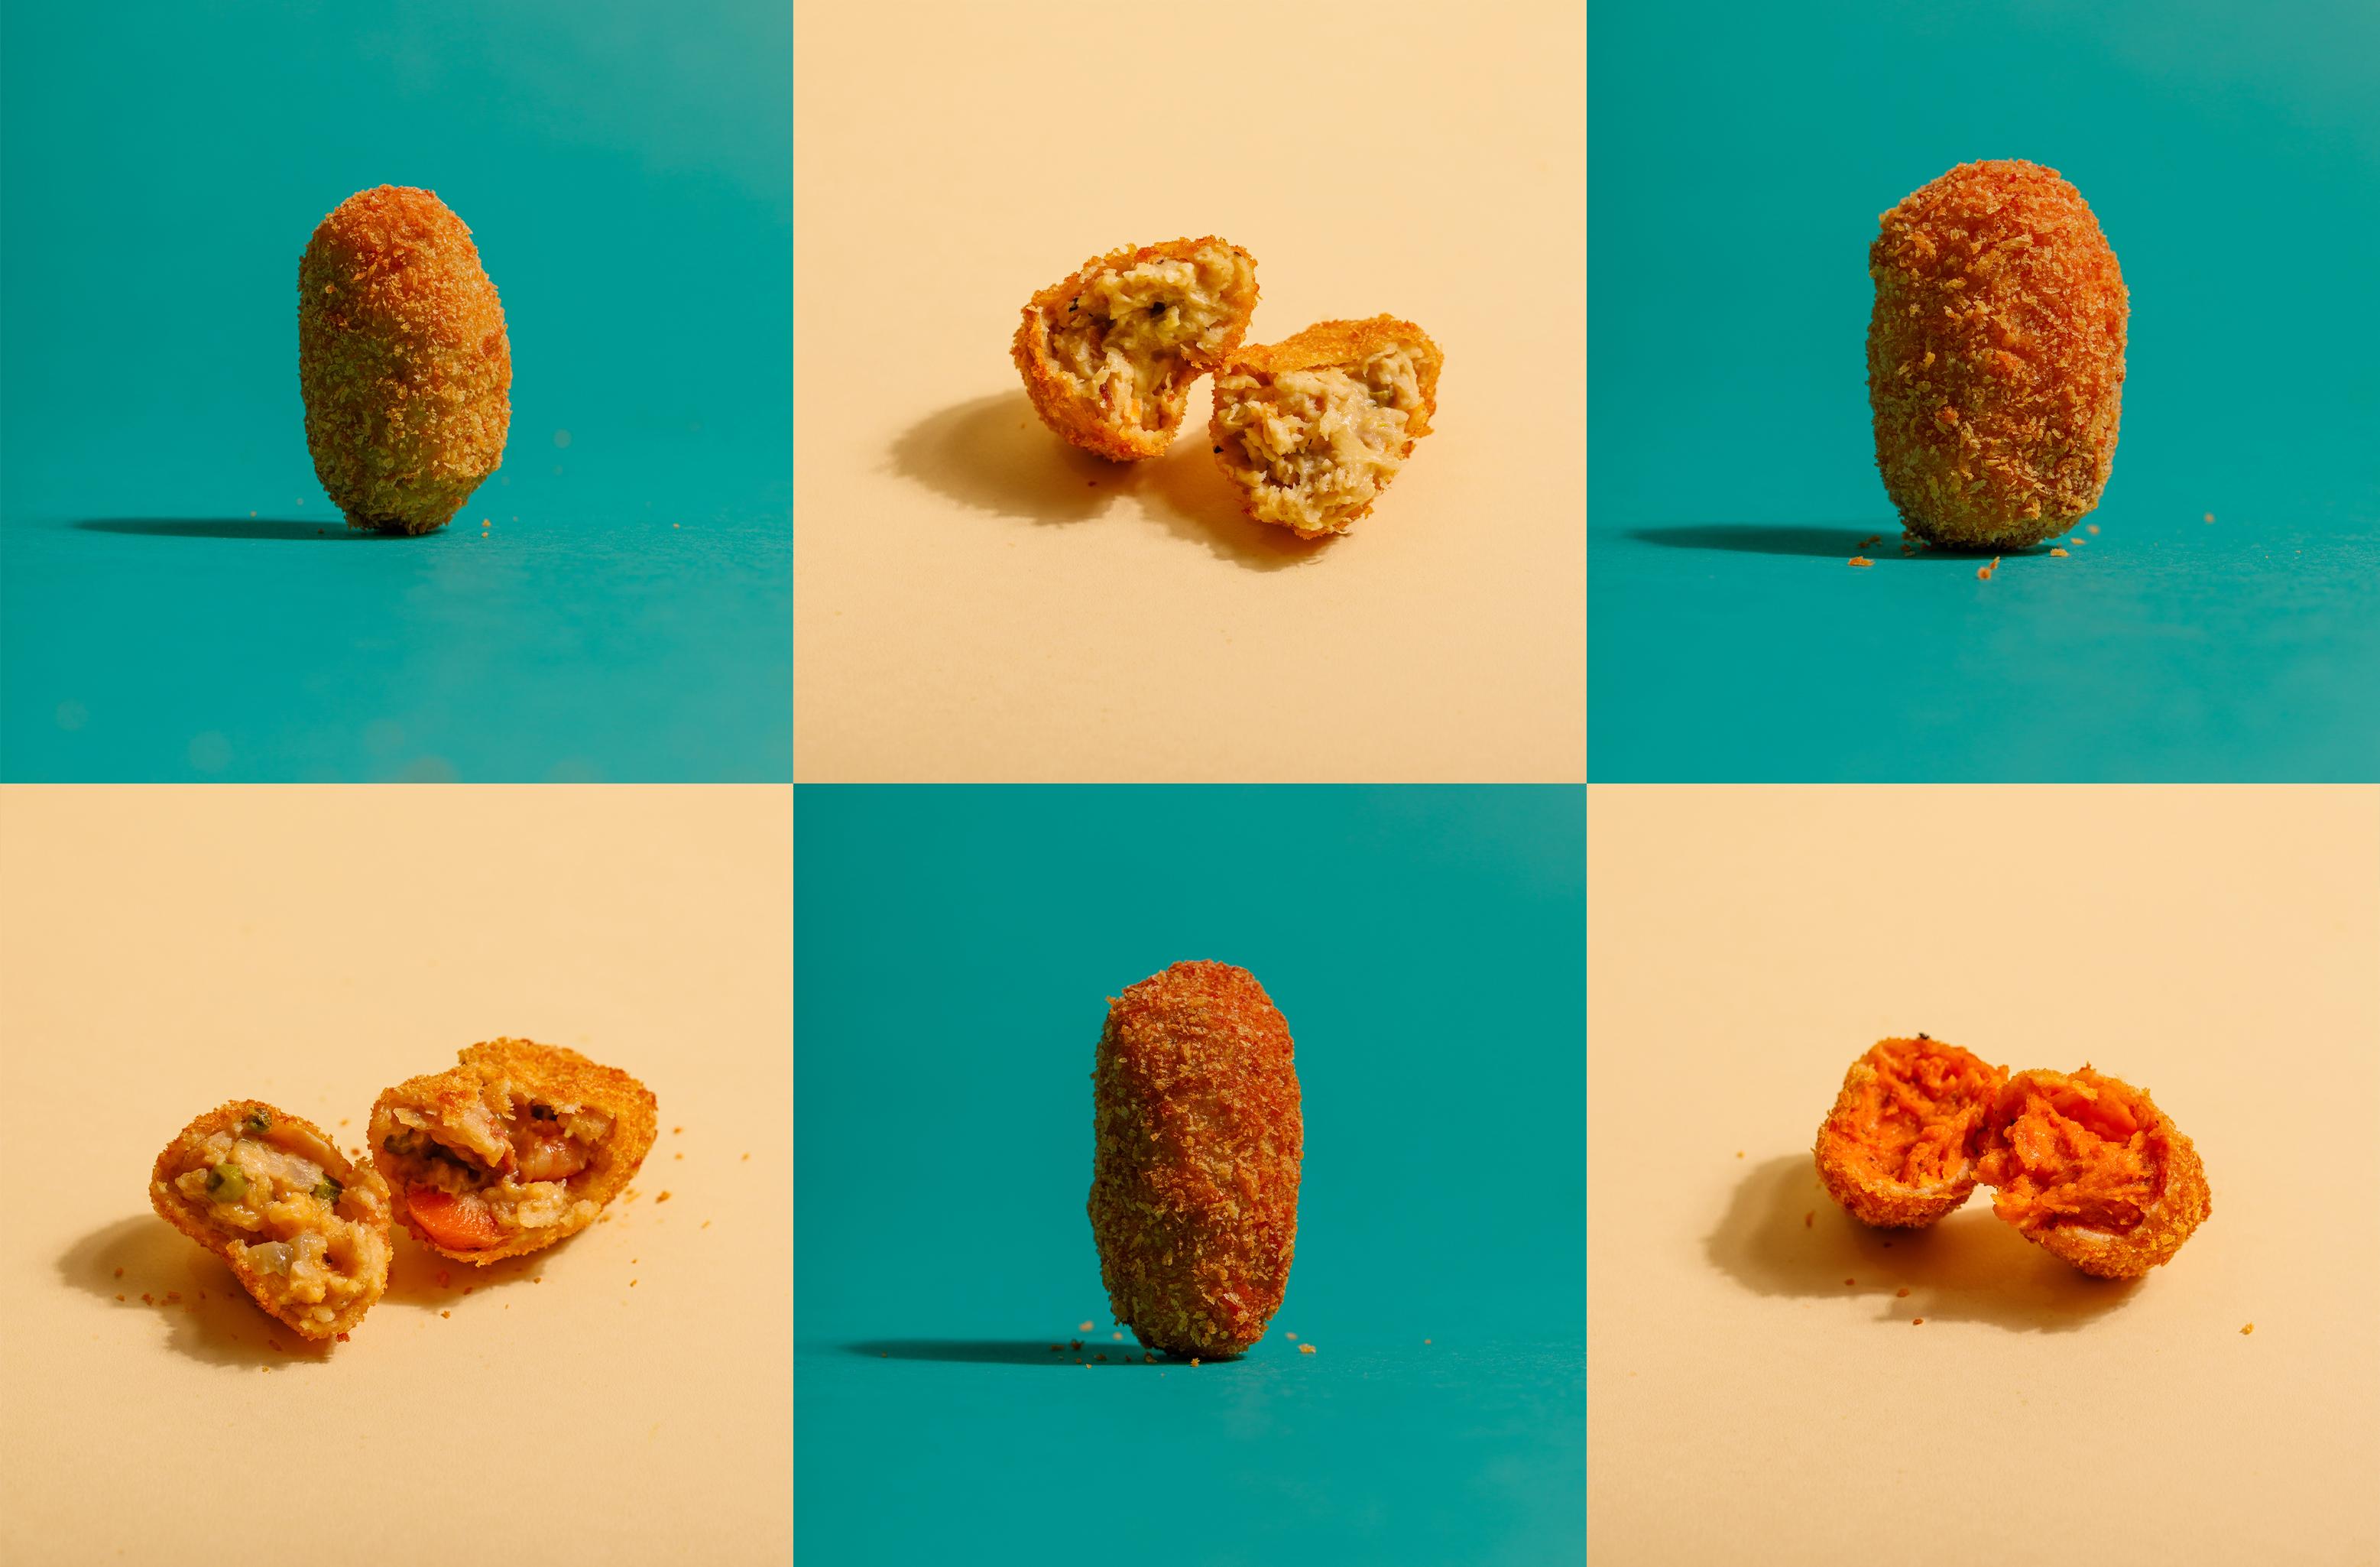 Las Quetas street food photography